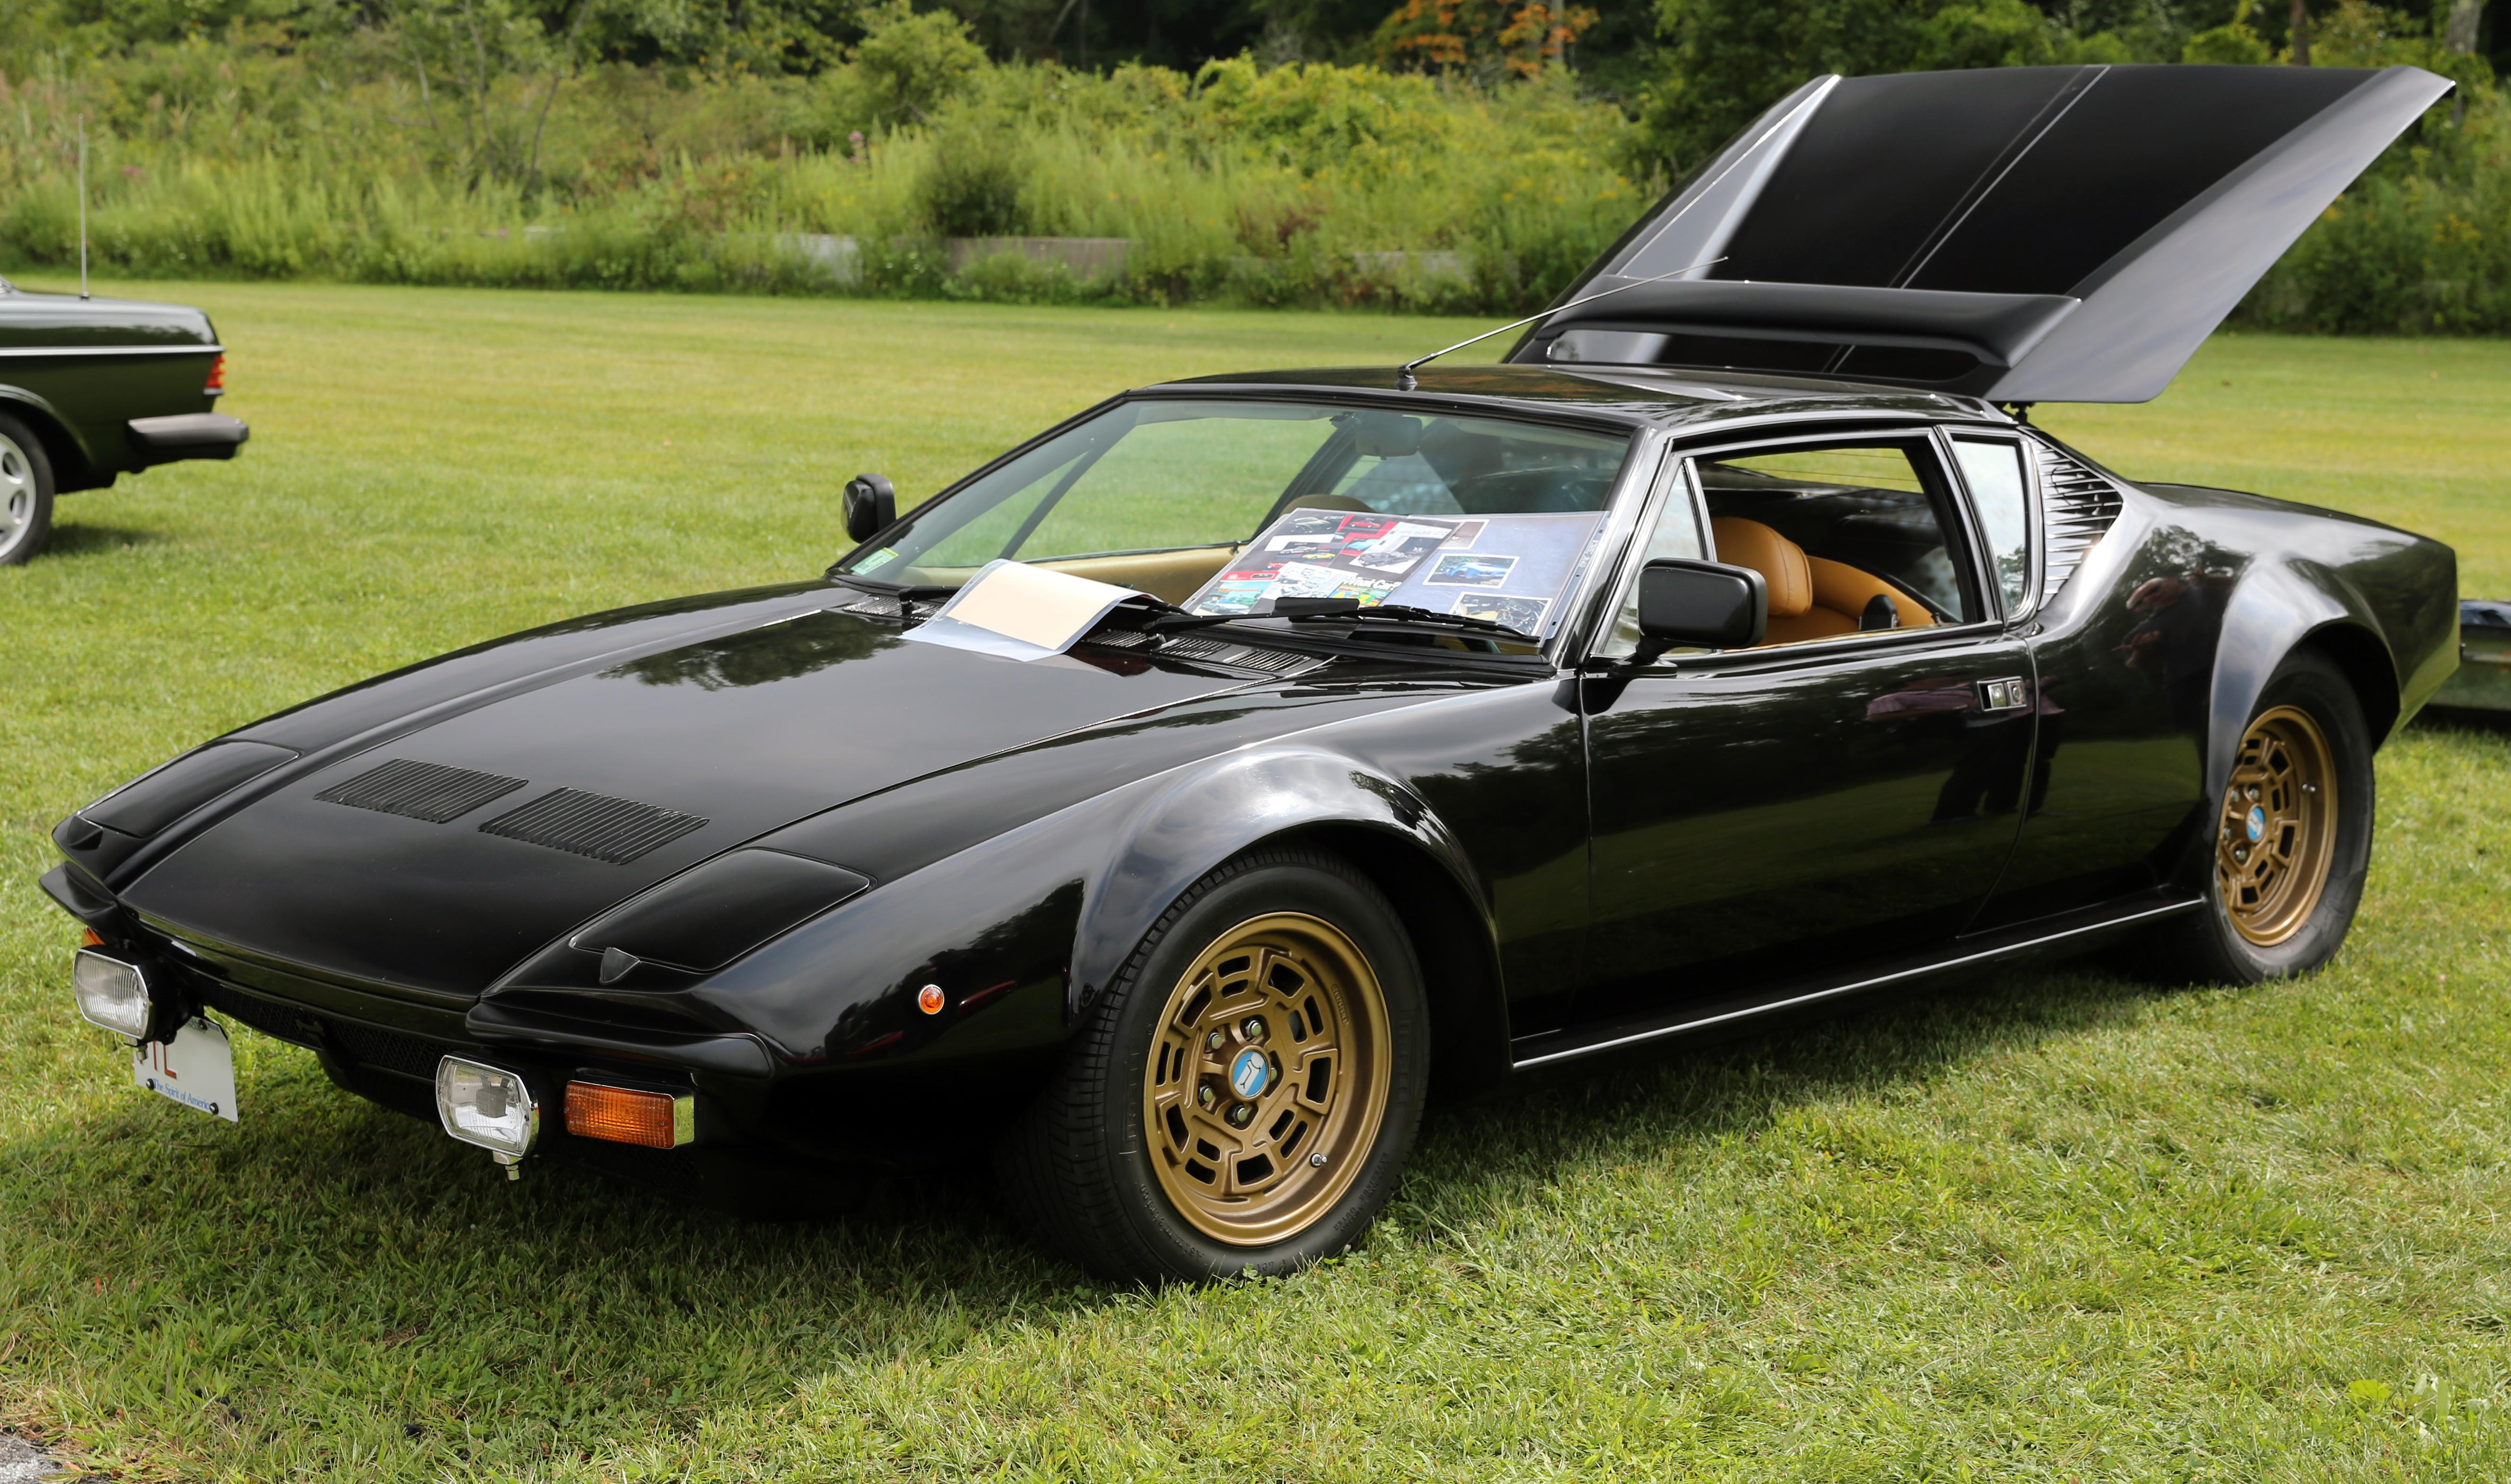 Detomaso Pantera For Sale >> File:1978 De Tomaso Pantera GT5 S 9000-series, Lime Rock ...